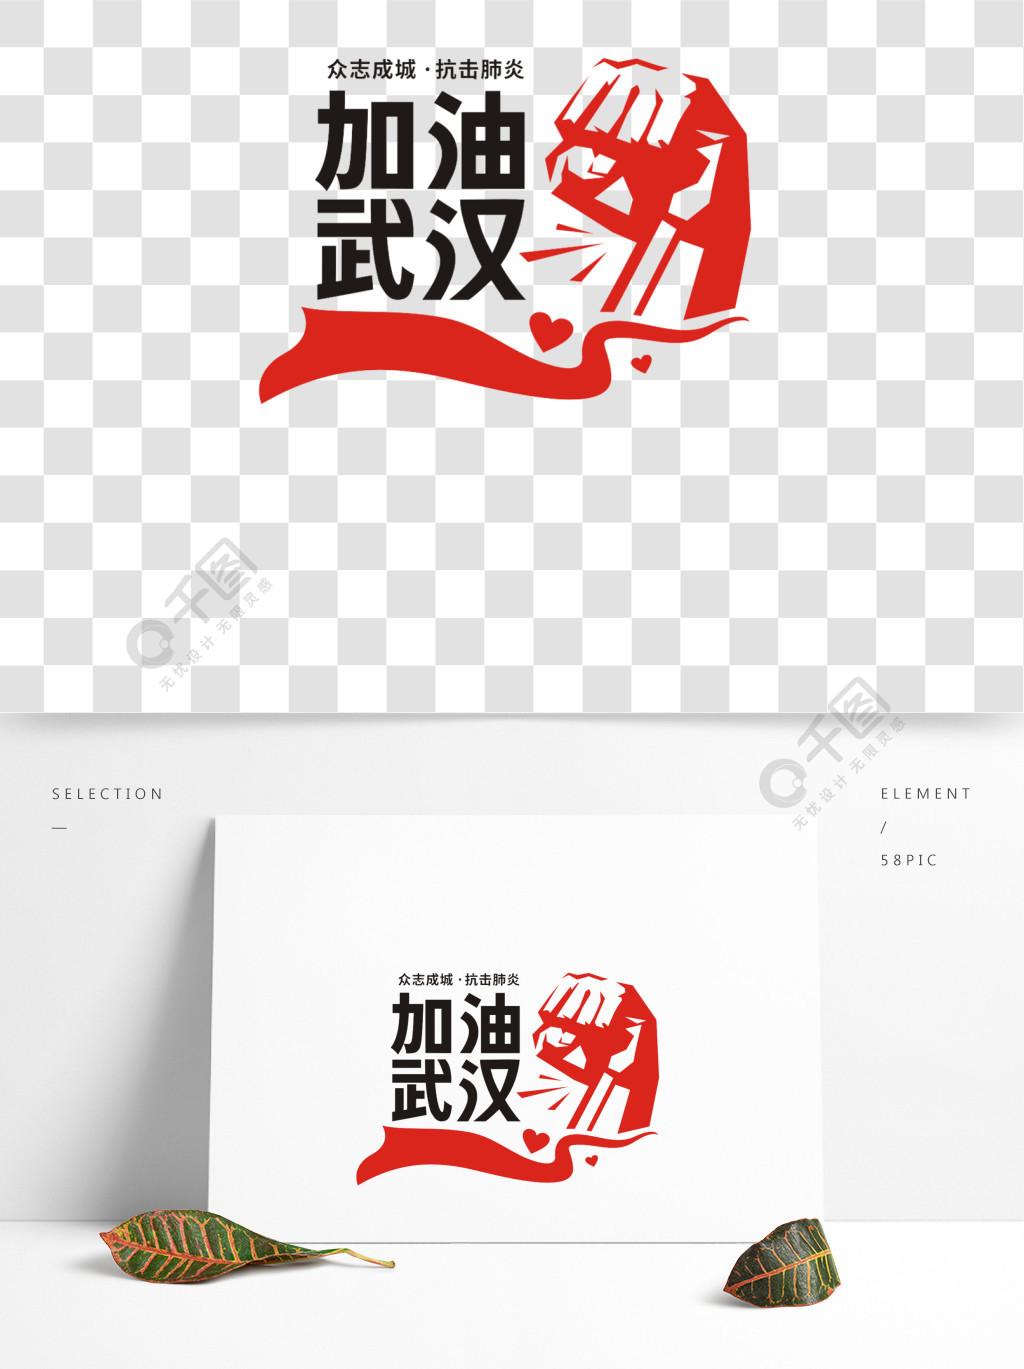 抗击武汉加油新型冠状肺炎模板病毒评价字体免可口可乐广告设计设计图片